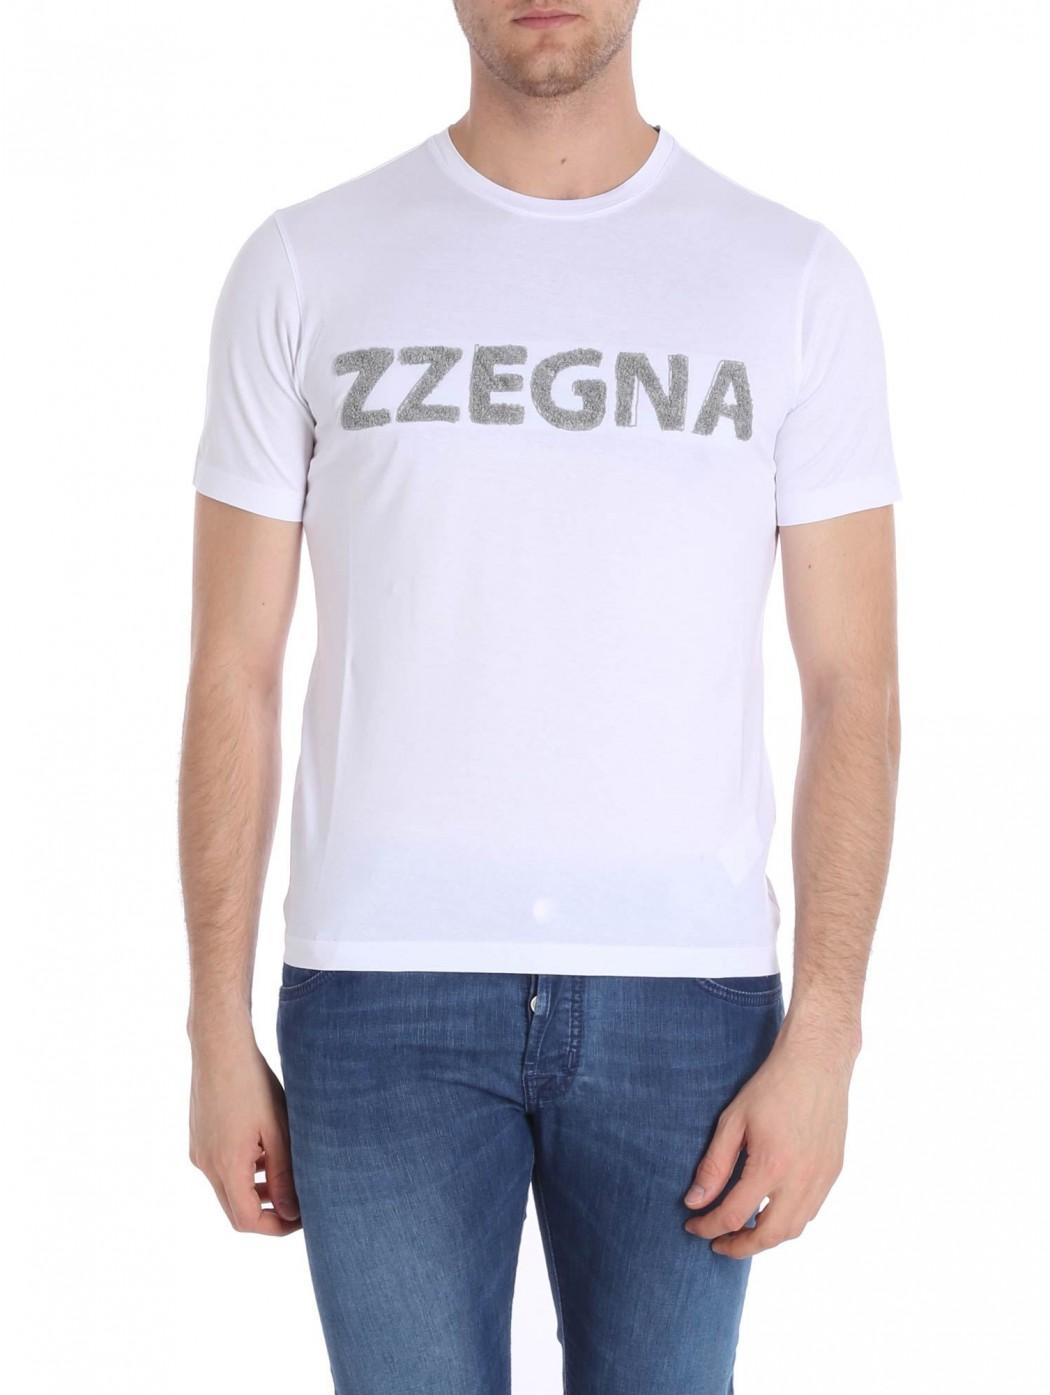 Z-ZEGNA VR372 6M1 POLO